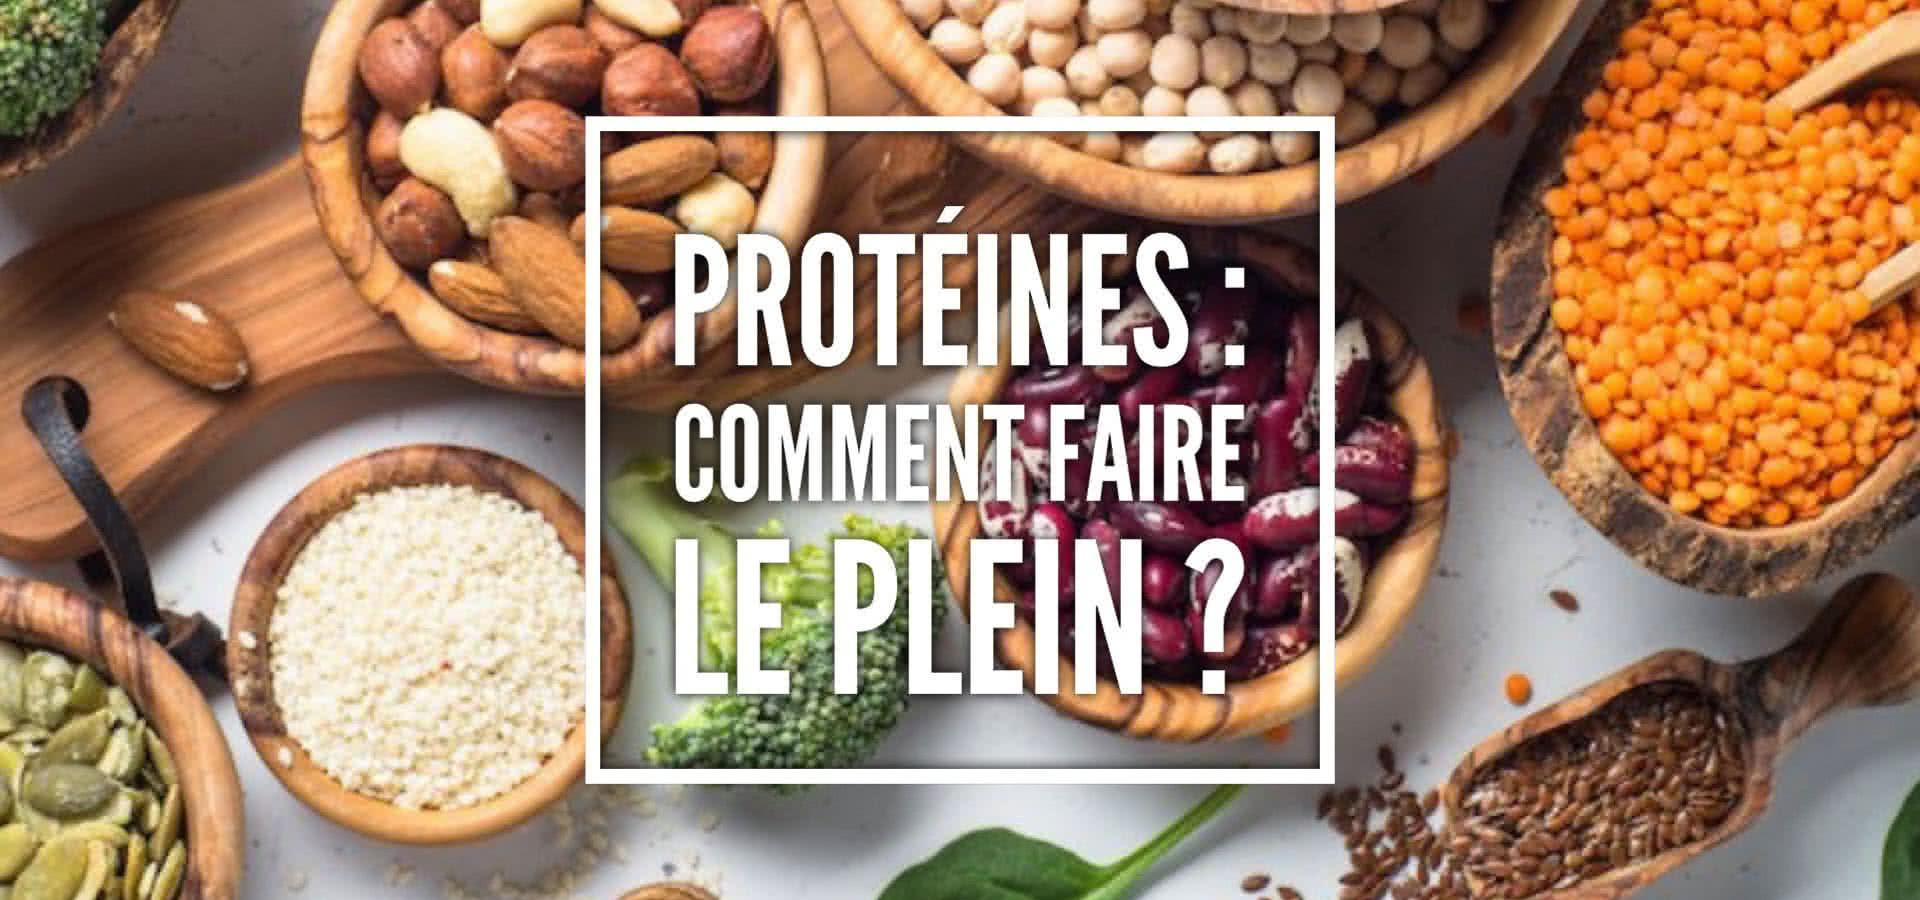 Prot_ines_comment_faire_le_plein_SITE (1)